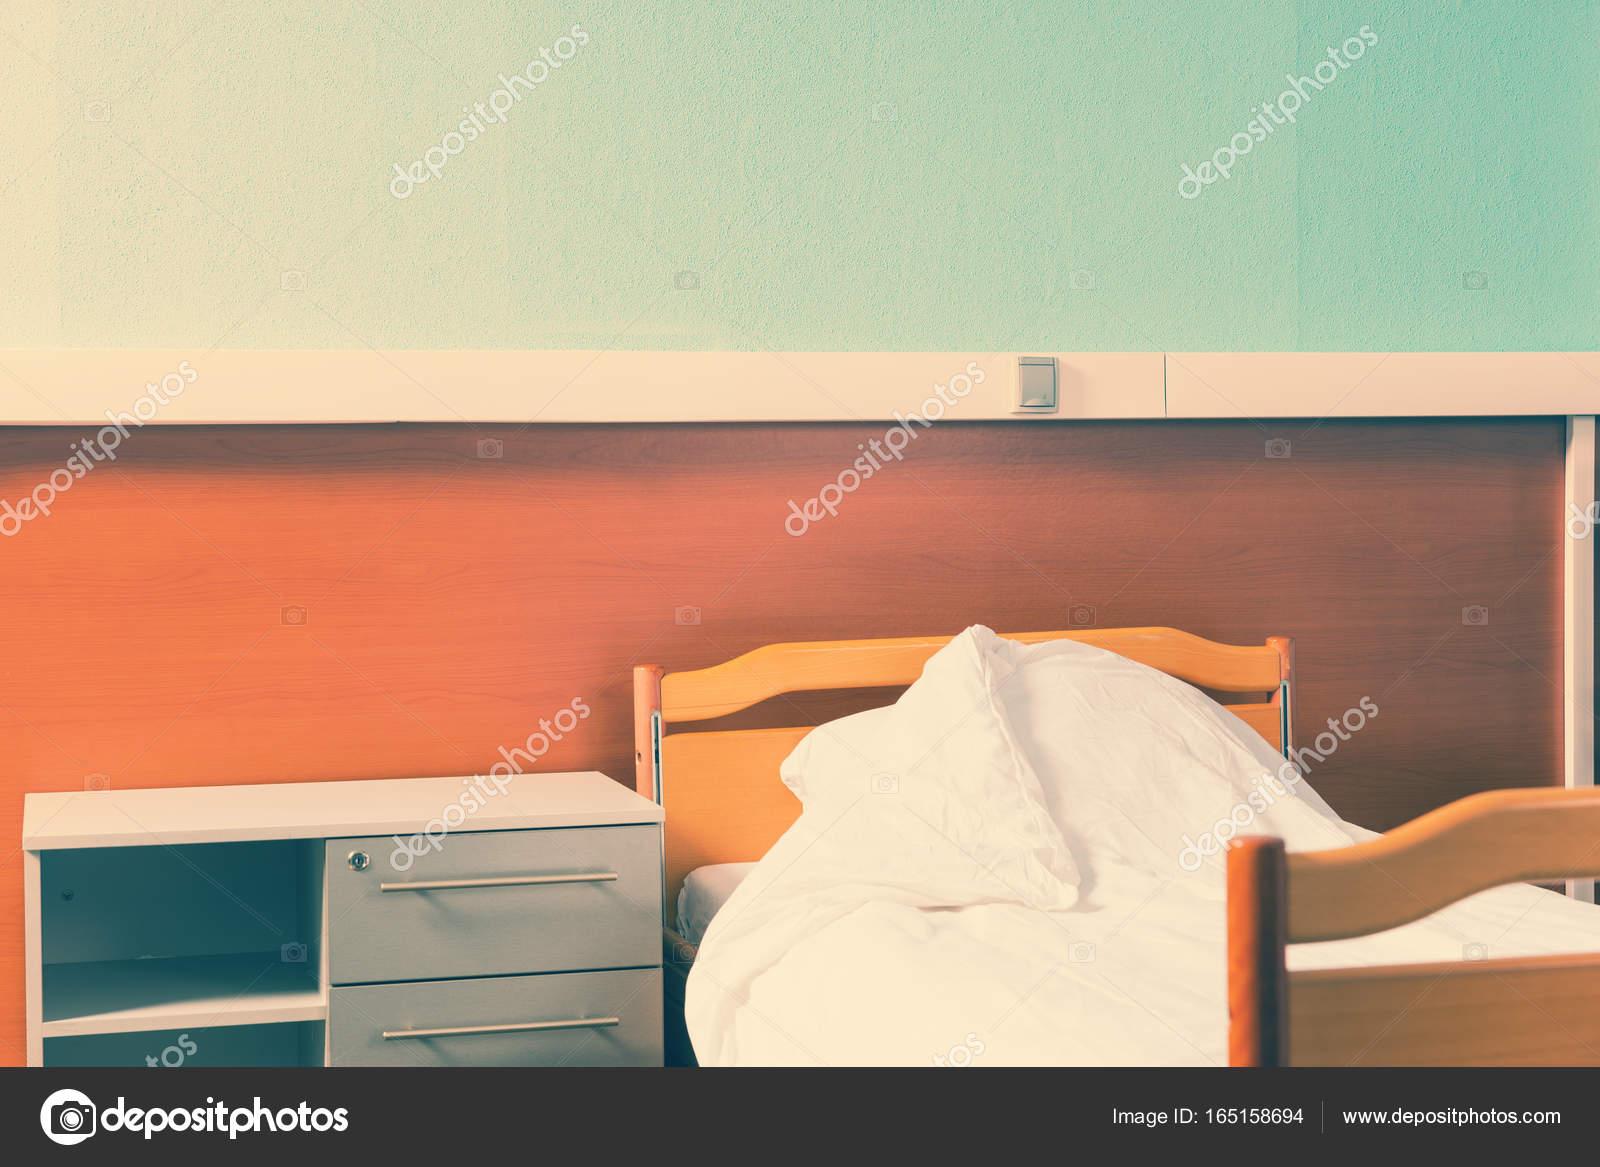 ein nachttisch steht neben dem leeren krankenhaus-bett — stockfoto